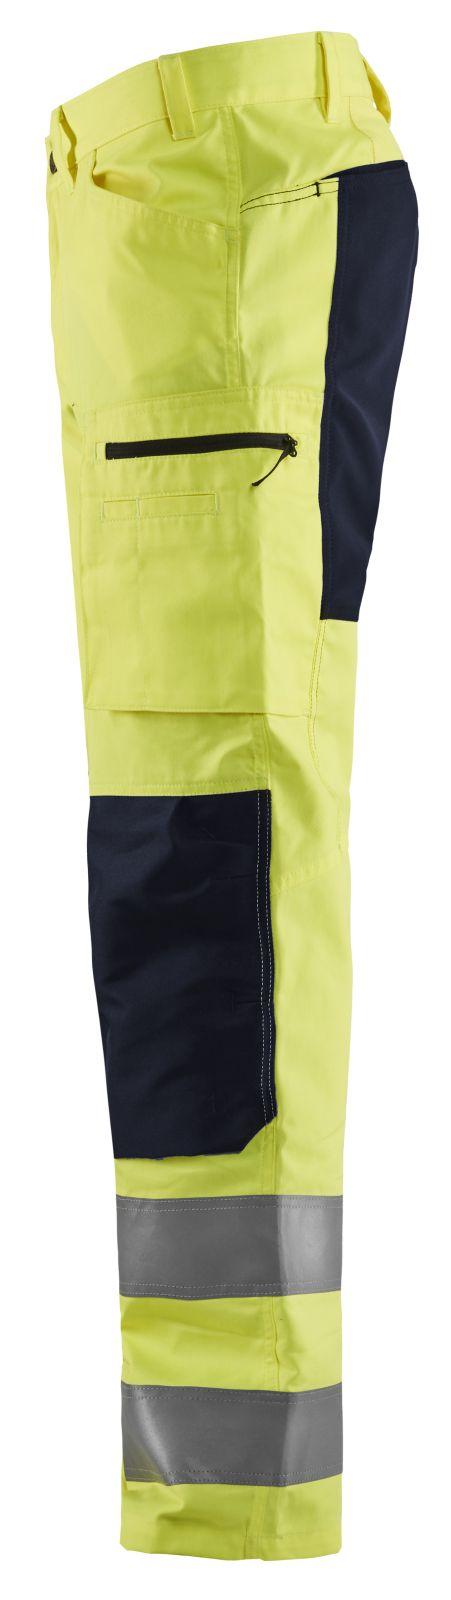 Blaklader Broeken 15851811 fluo geel-zwart(3399)